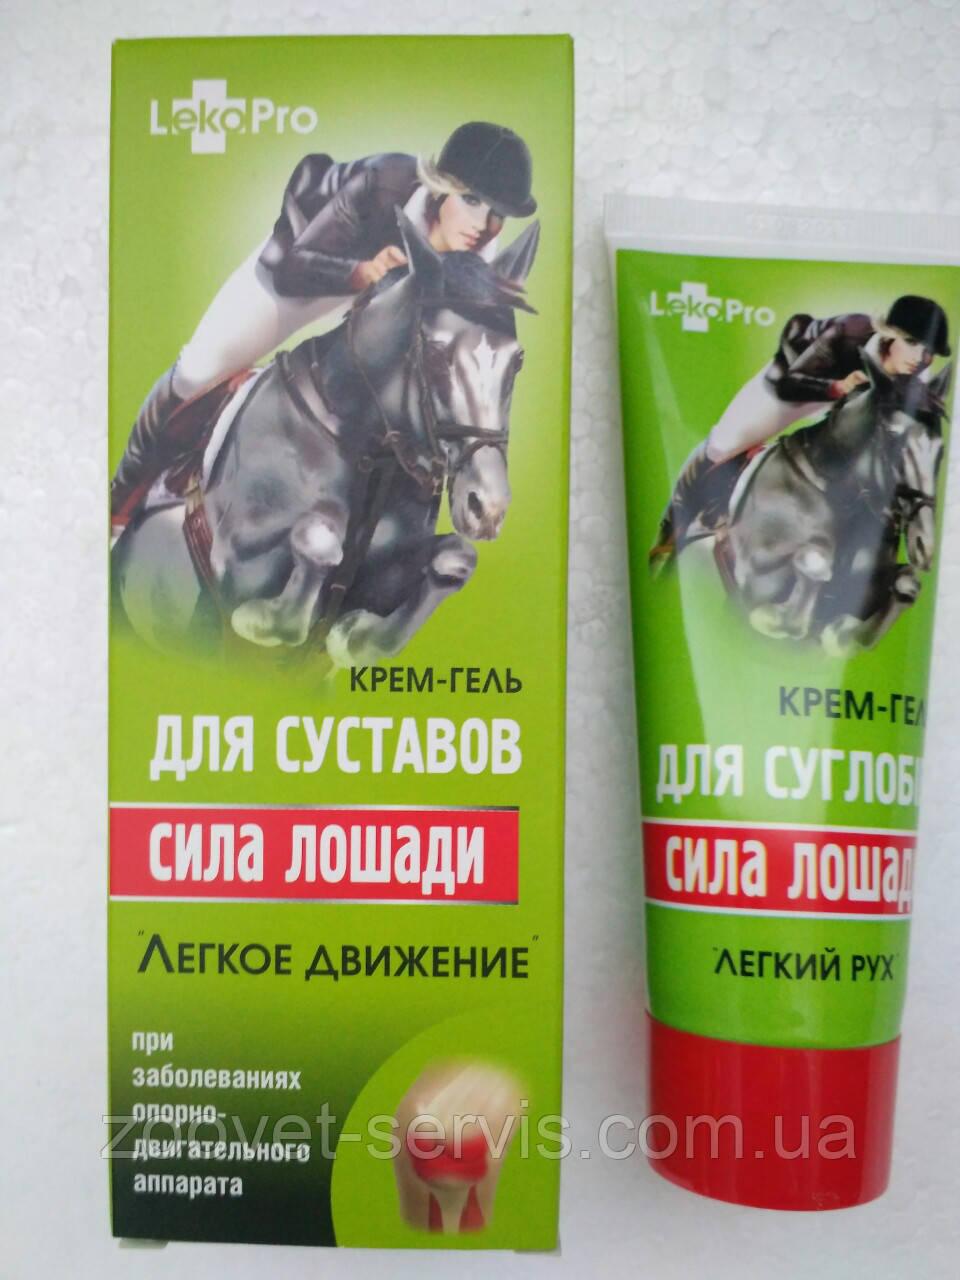 Крем-гель сила лошади для суставов купить в киеве отзывы о массаже при дисплазии тазобедренных суставов